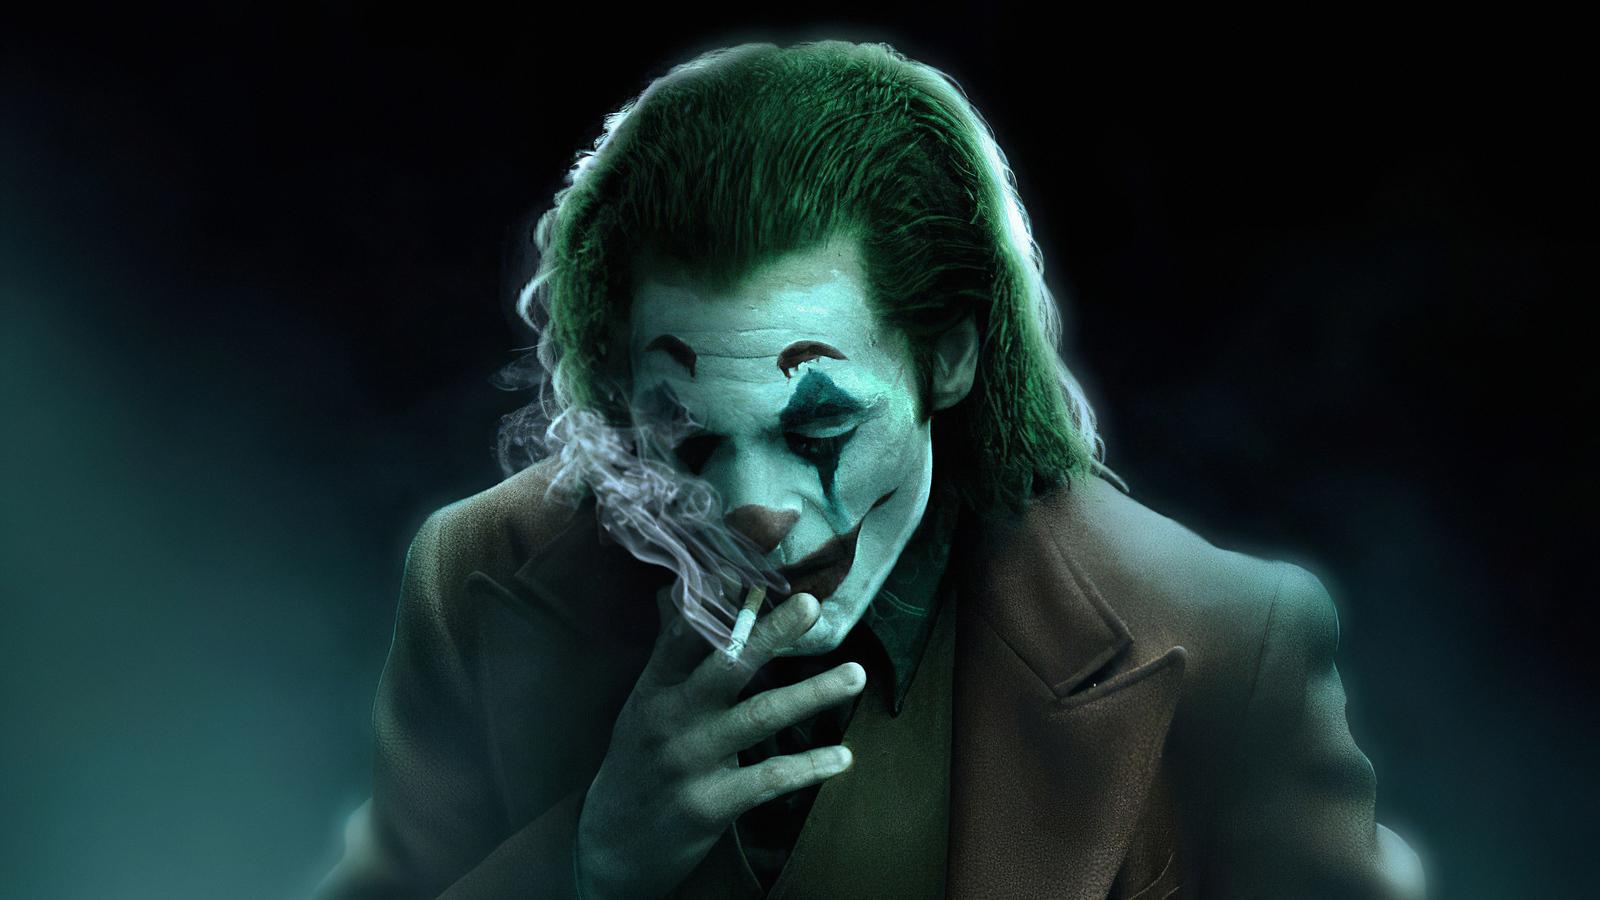 1600x900 Joker Smoker Art 4k 1600x900 Resolution HD 4k ...